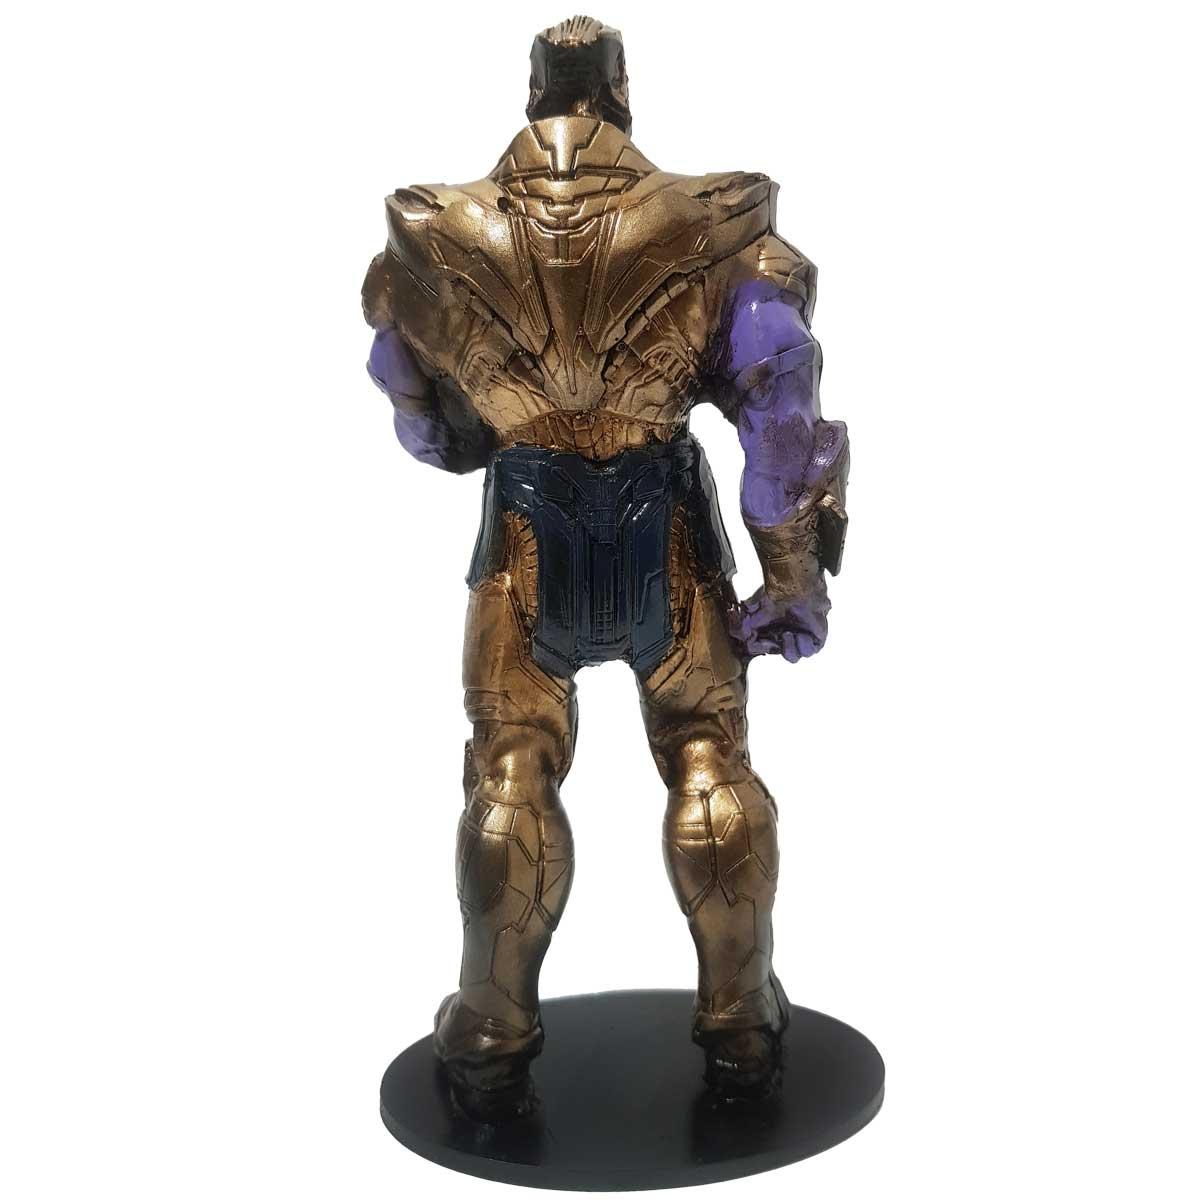 Thanos Boneco Action Figure Vingadores Ultimato 20cm